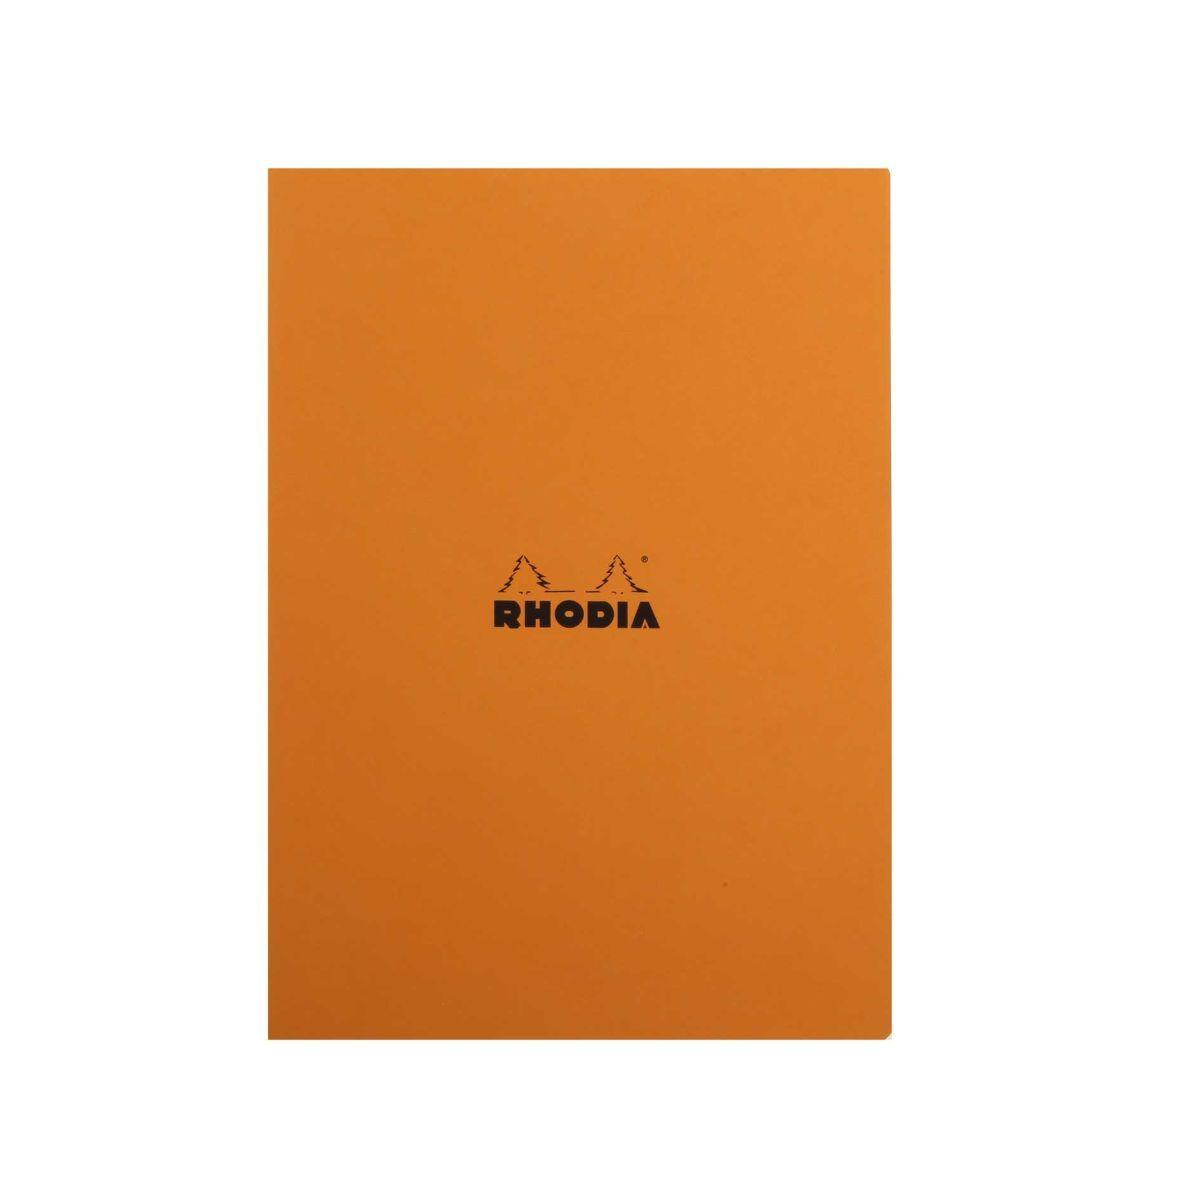 Rhodia Classic A4 Notebook Orange